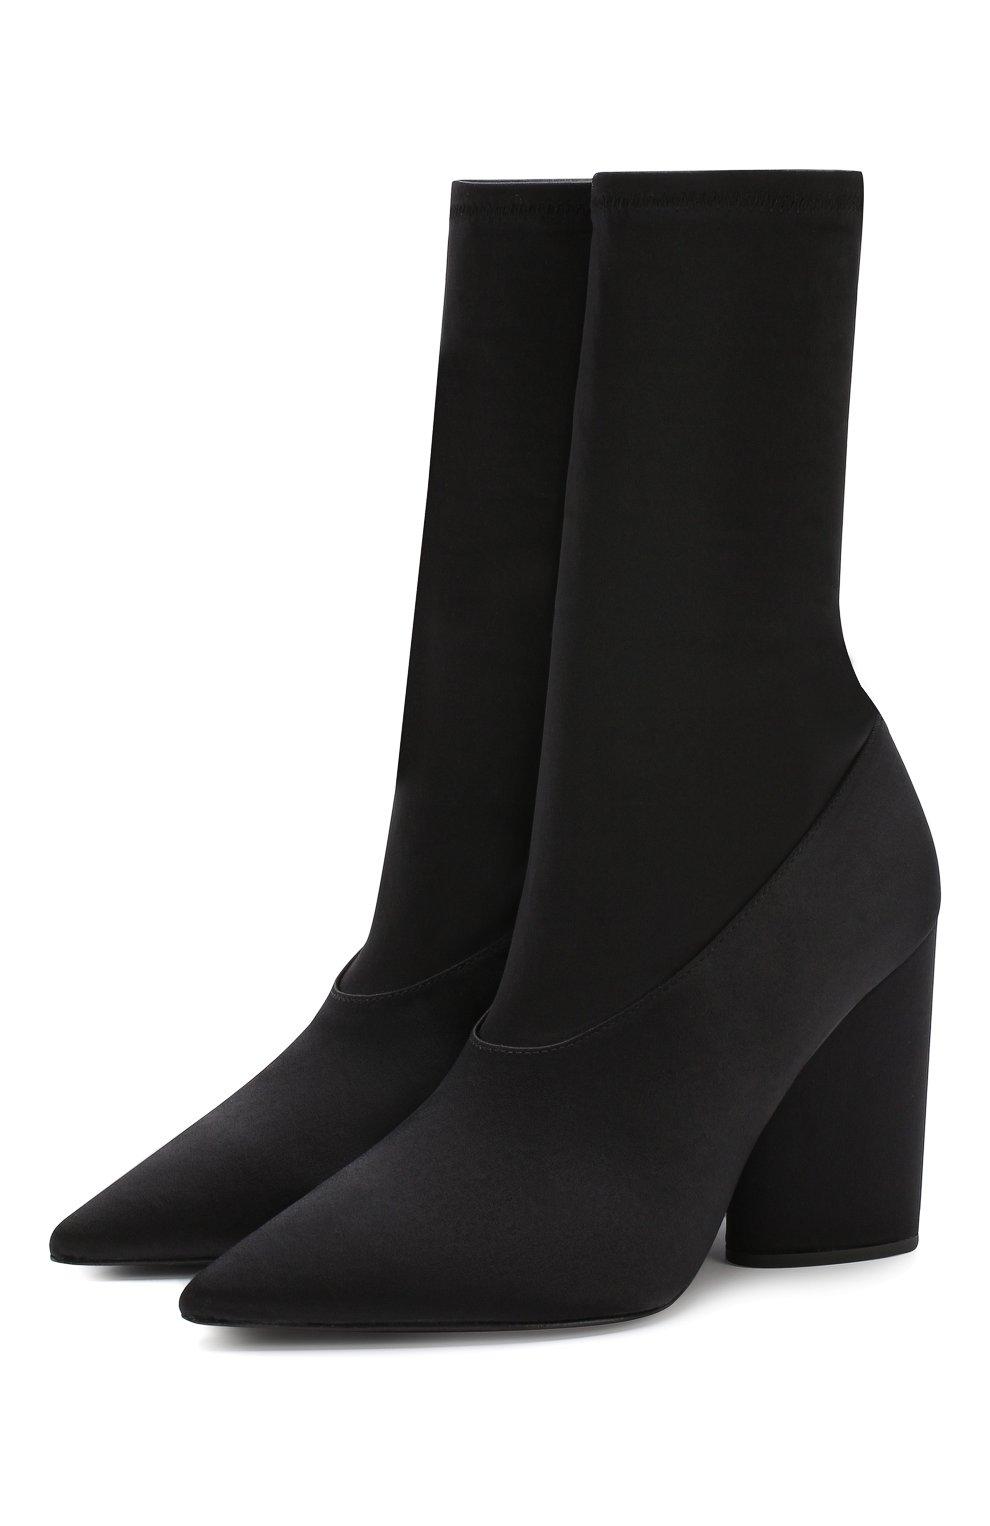 Женская обувь Balenciaga по цене от 19 200 руб. купить в интернет-магазине  ЦУМ e34273e7ae0d5